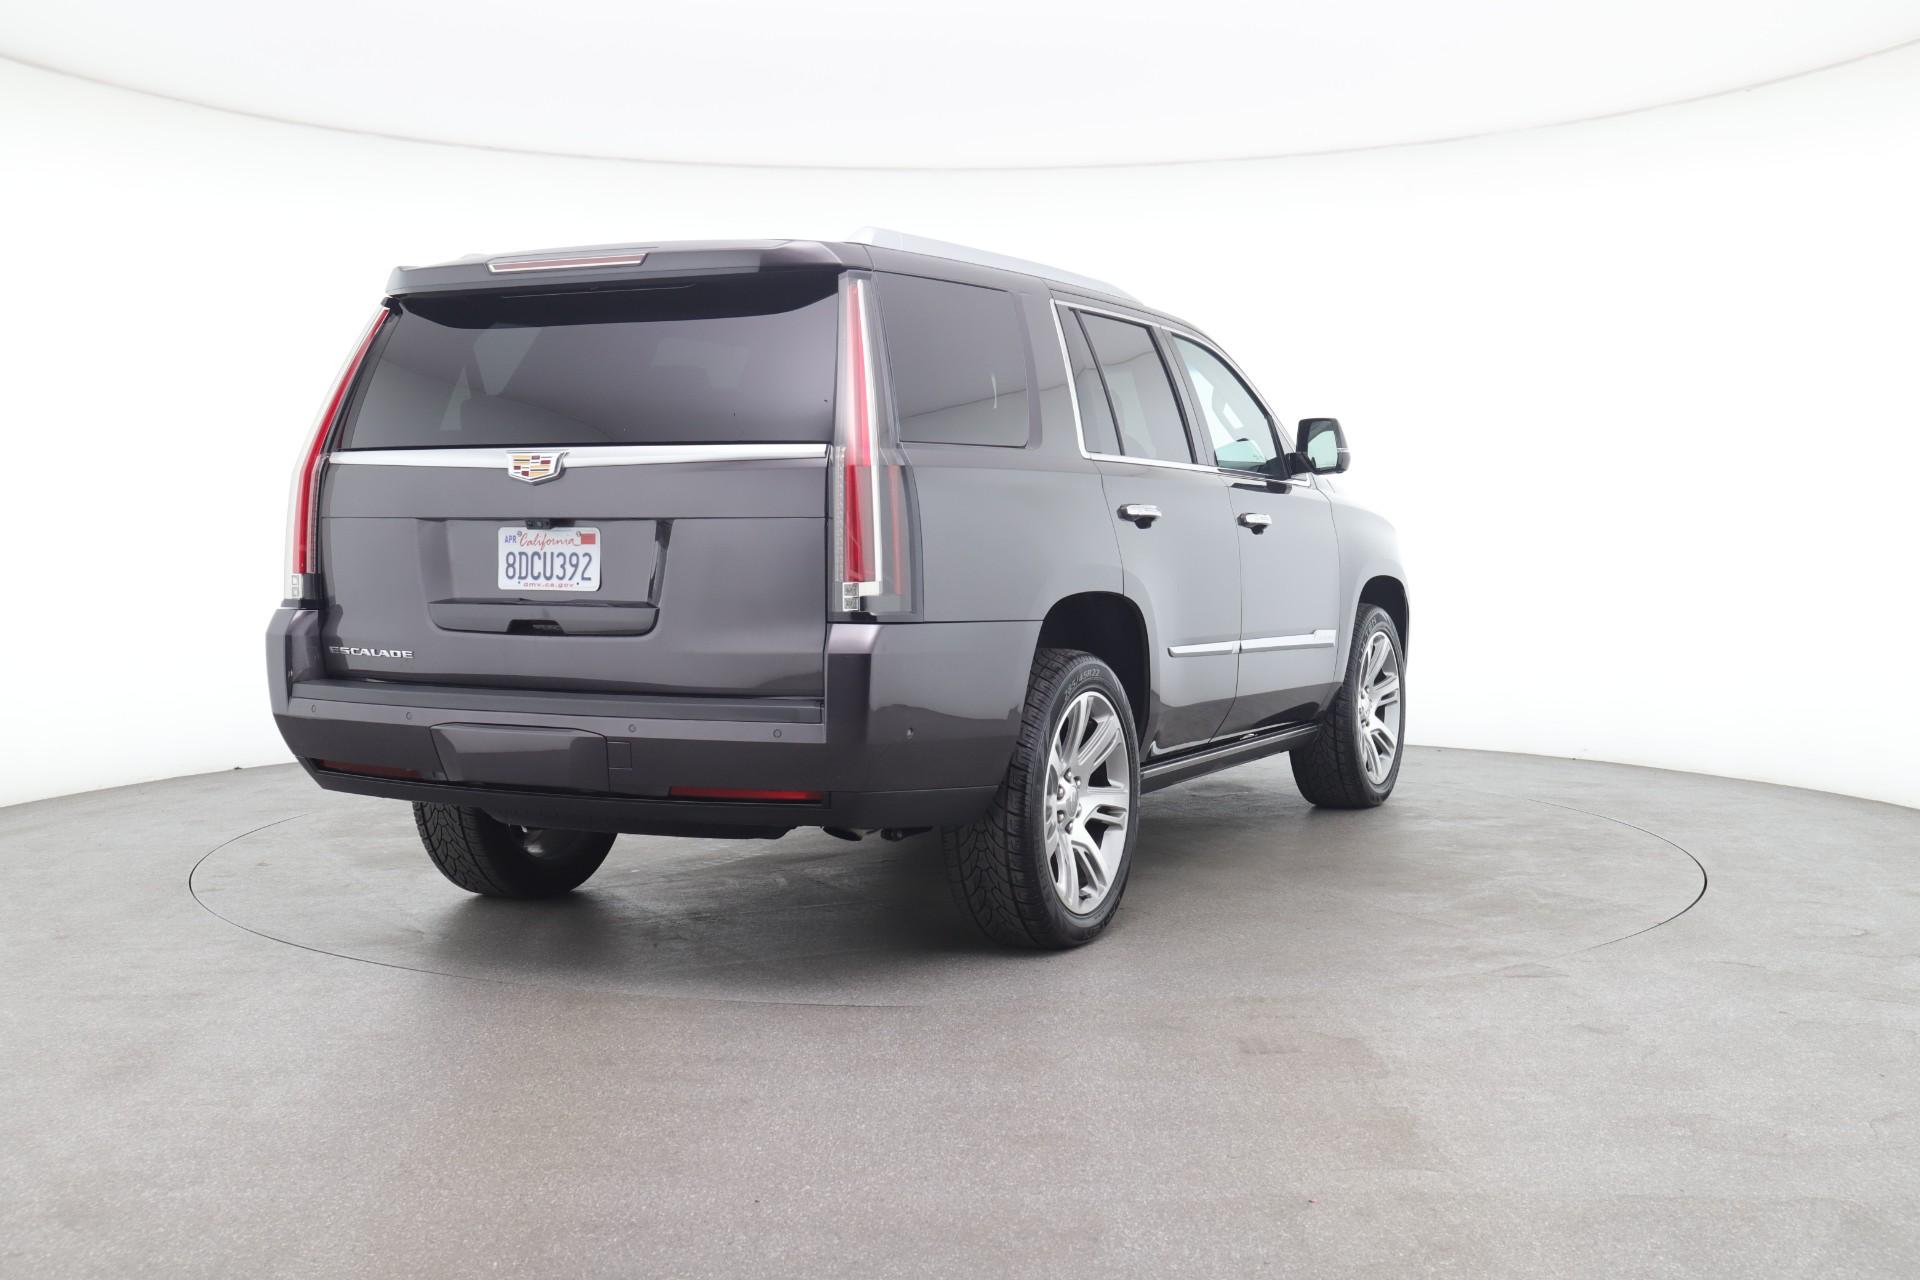 2018 Cadillac Escalade Premium (from $55,950)